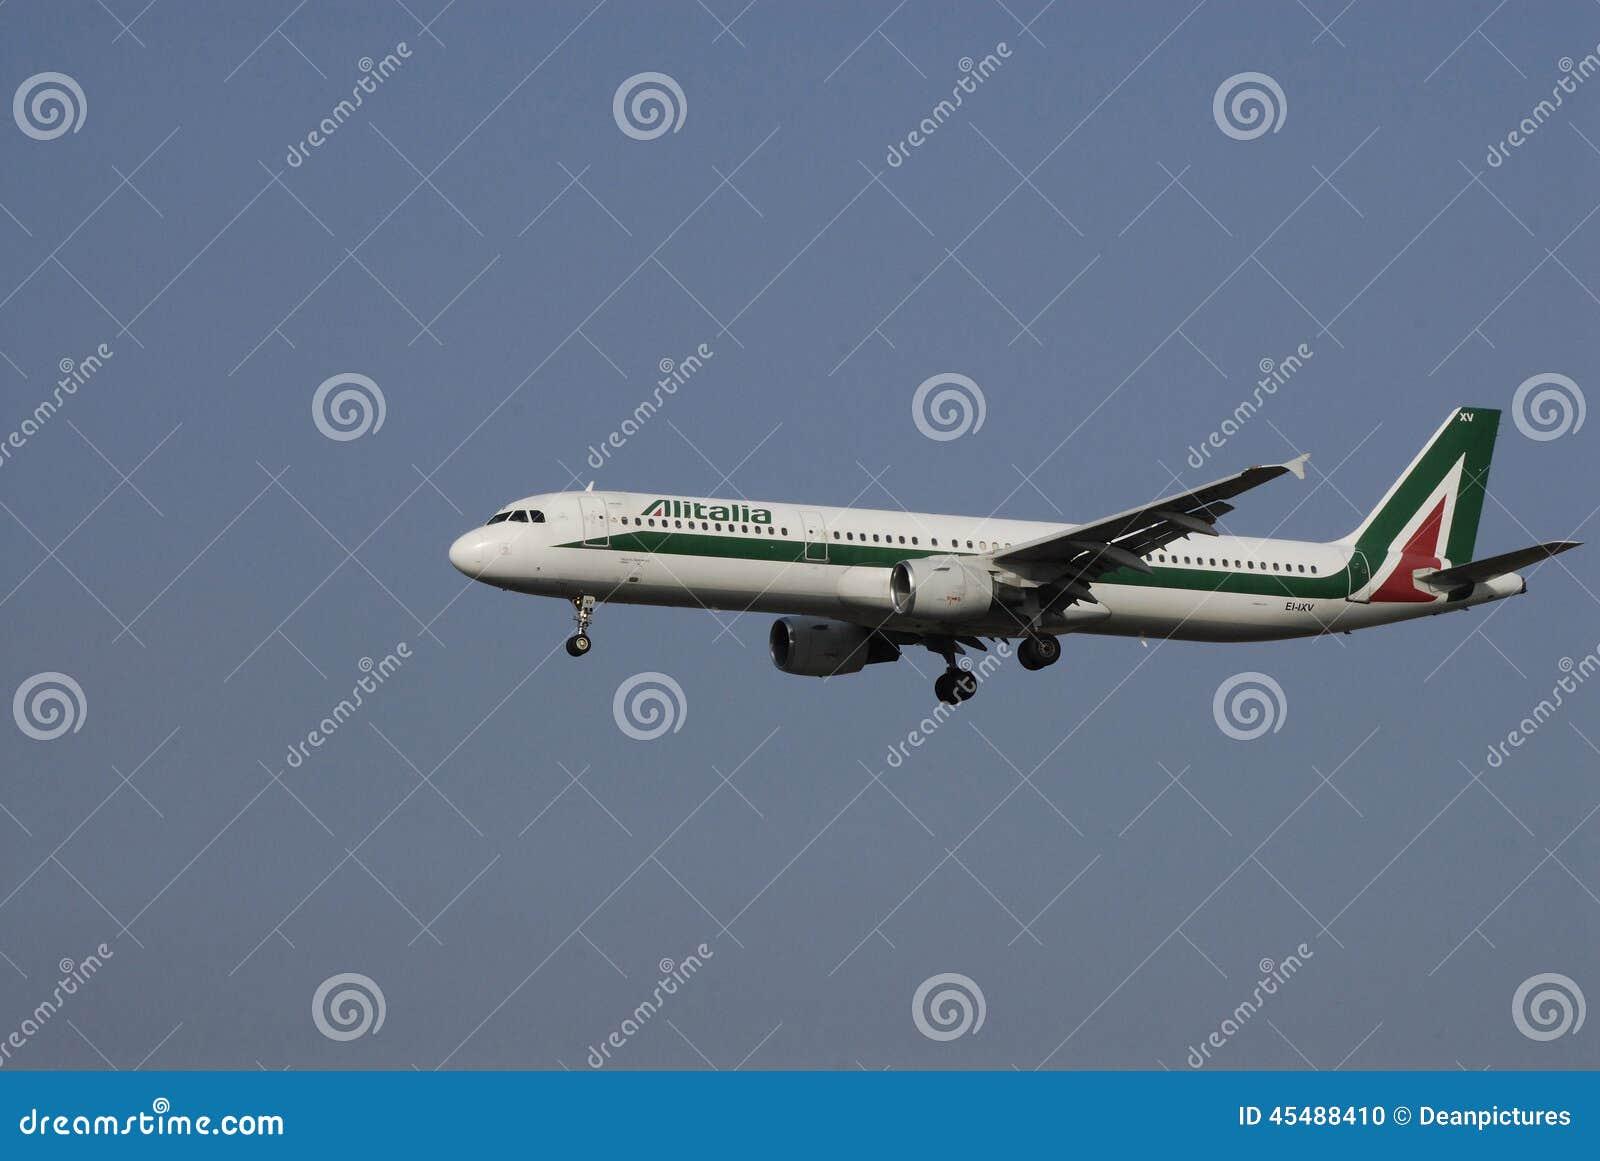 意大利航空国际航班